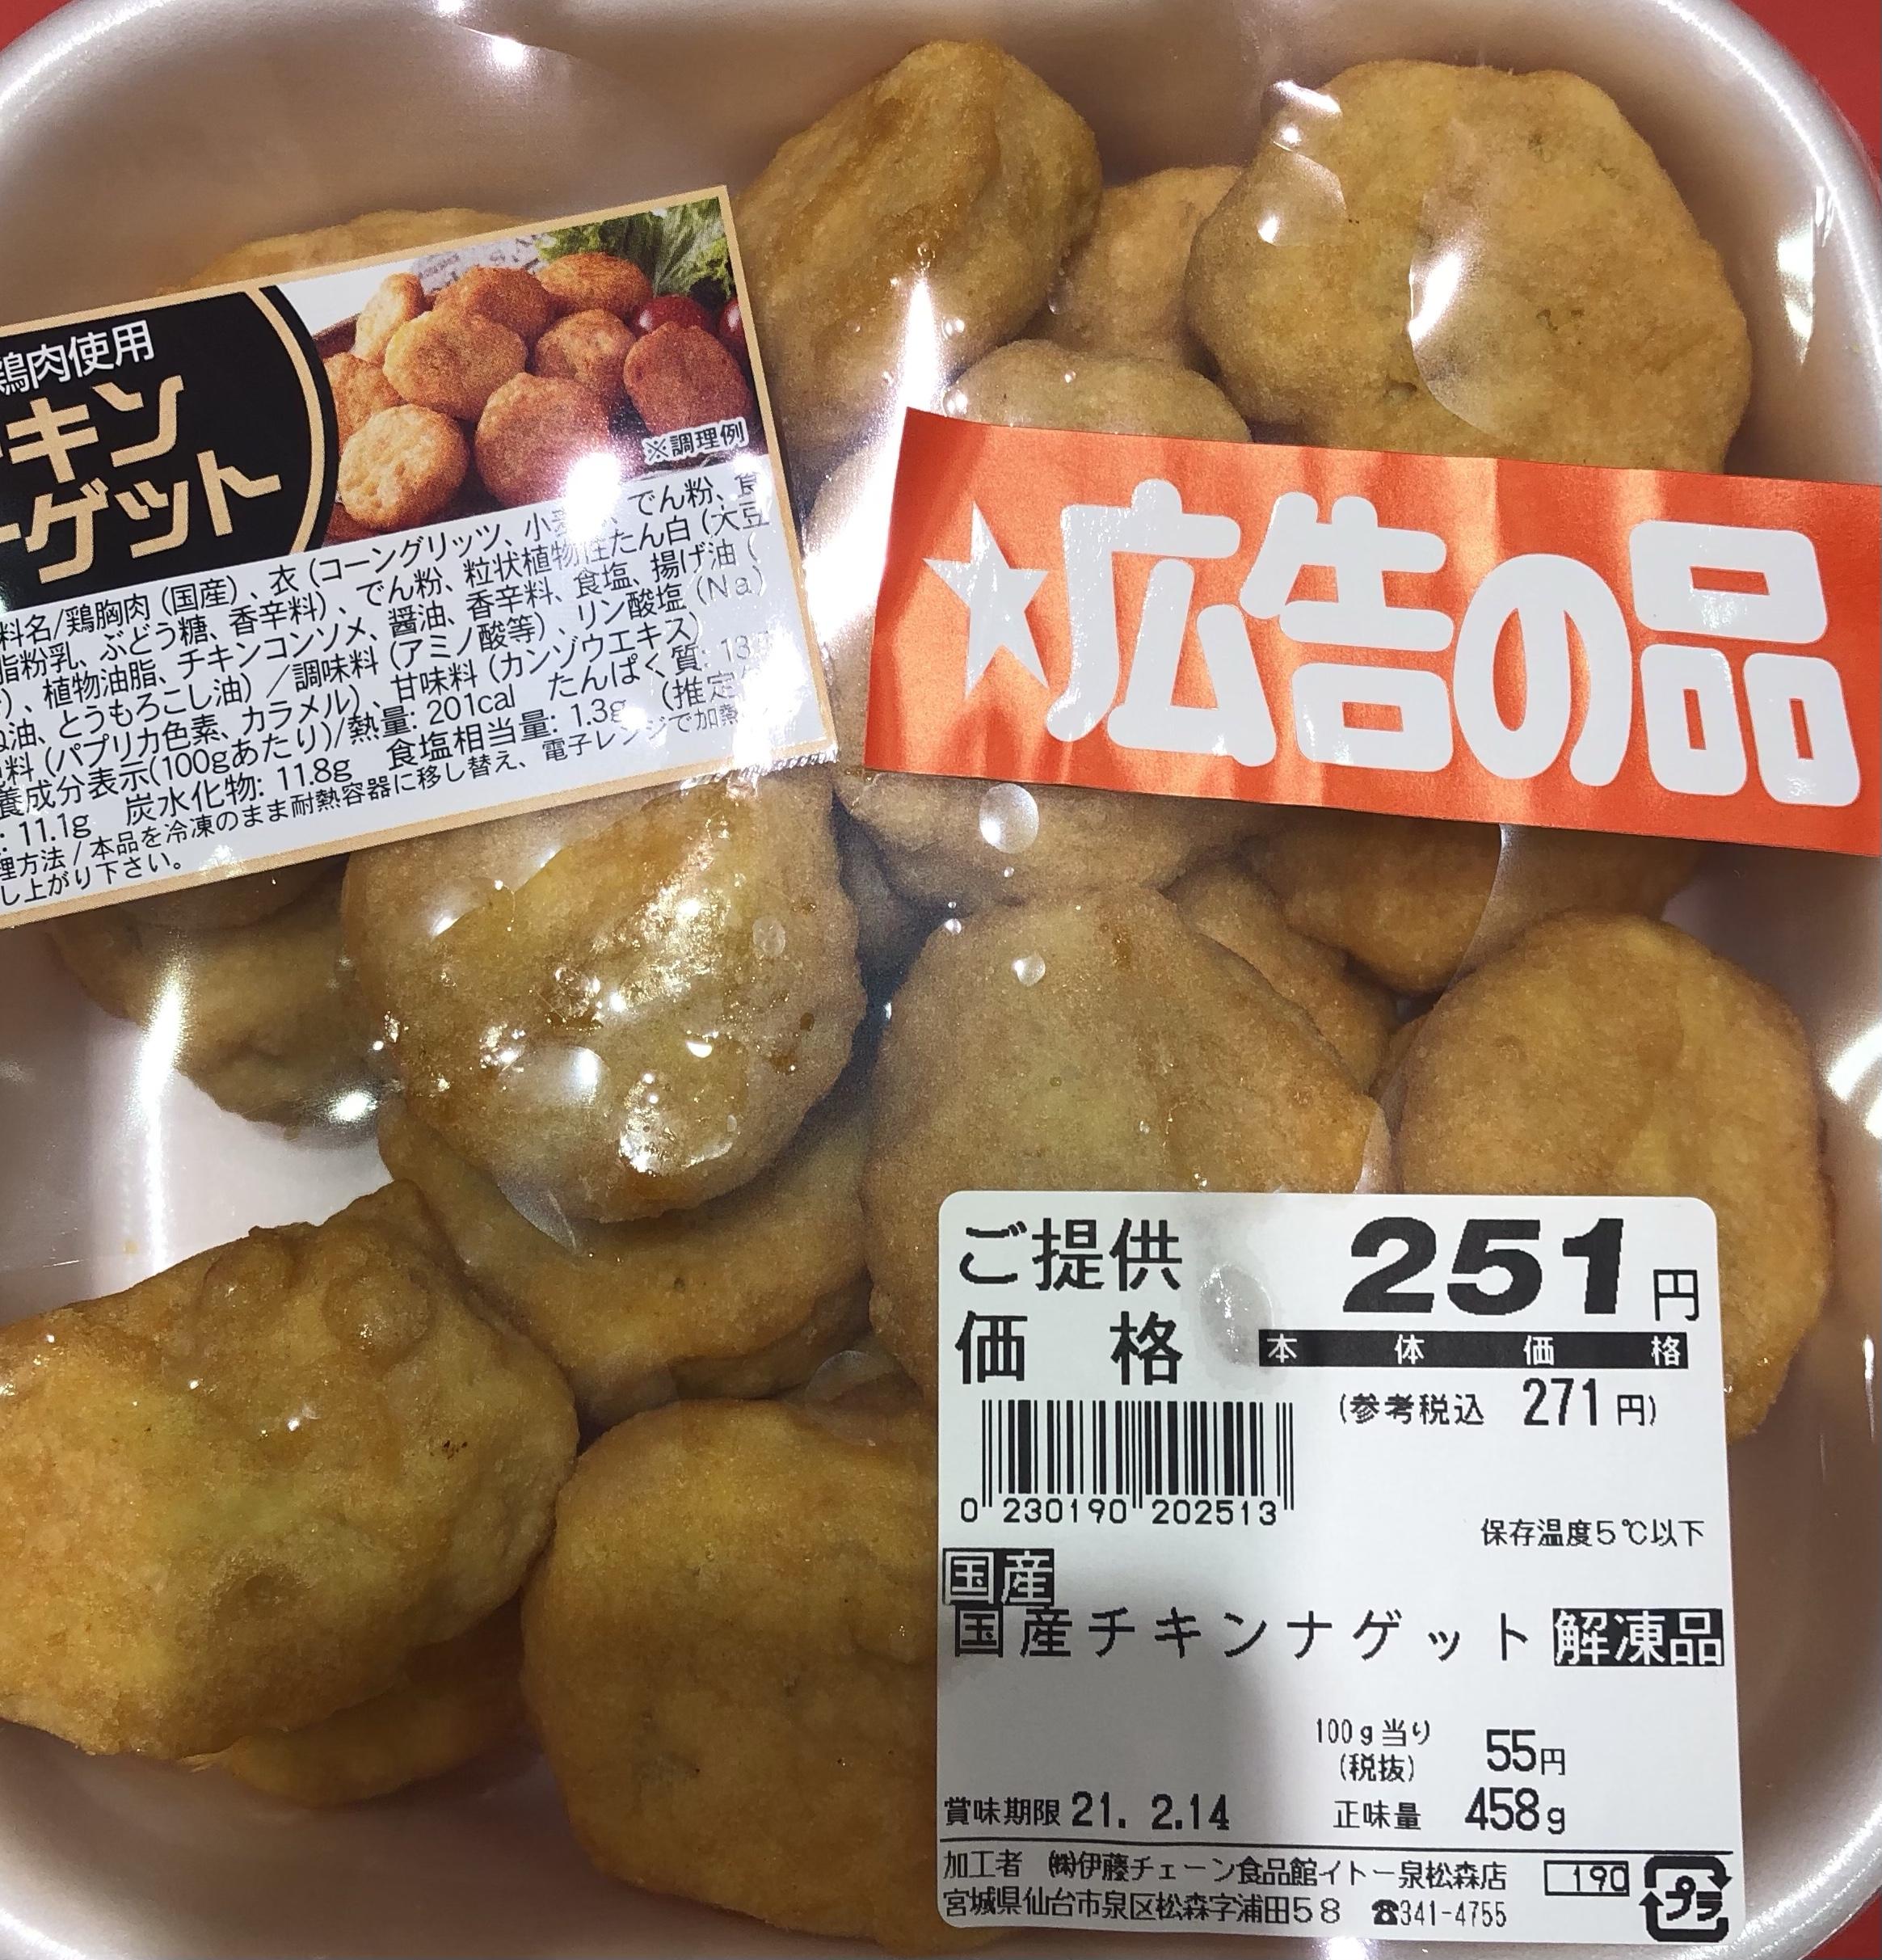 仙台スーパー食品館イトー